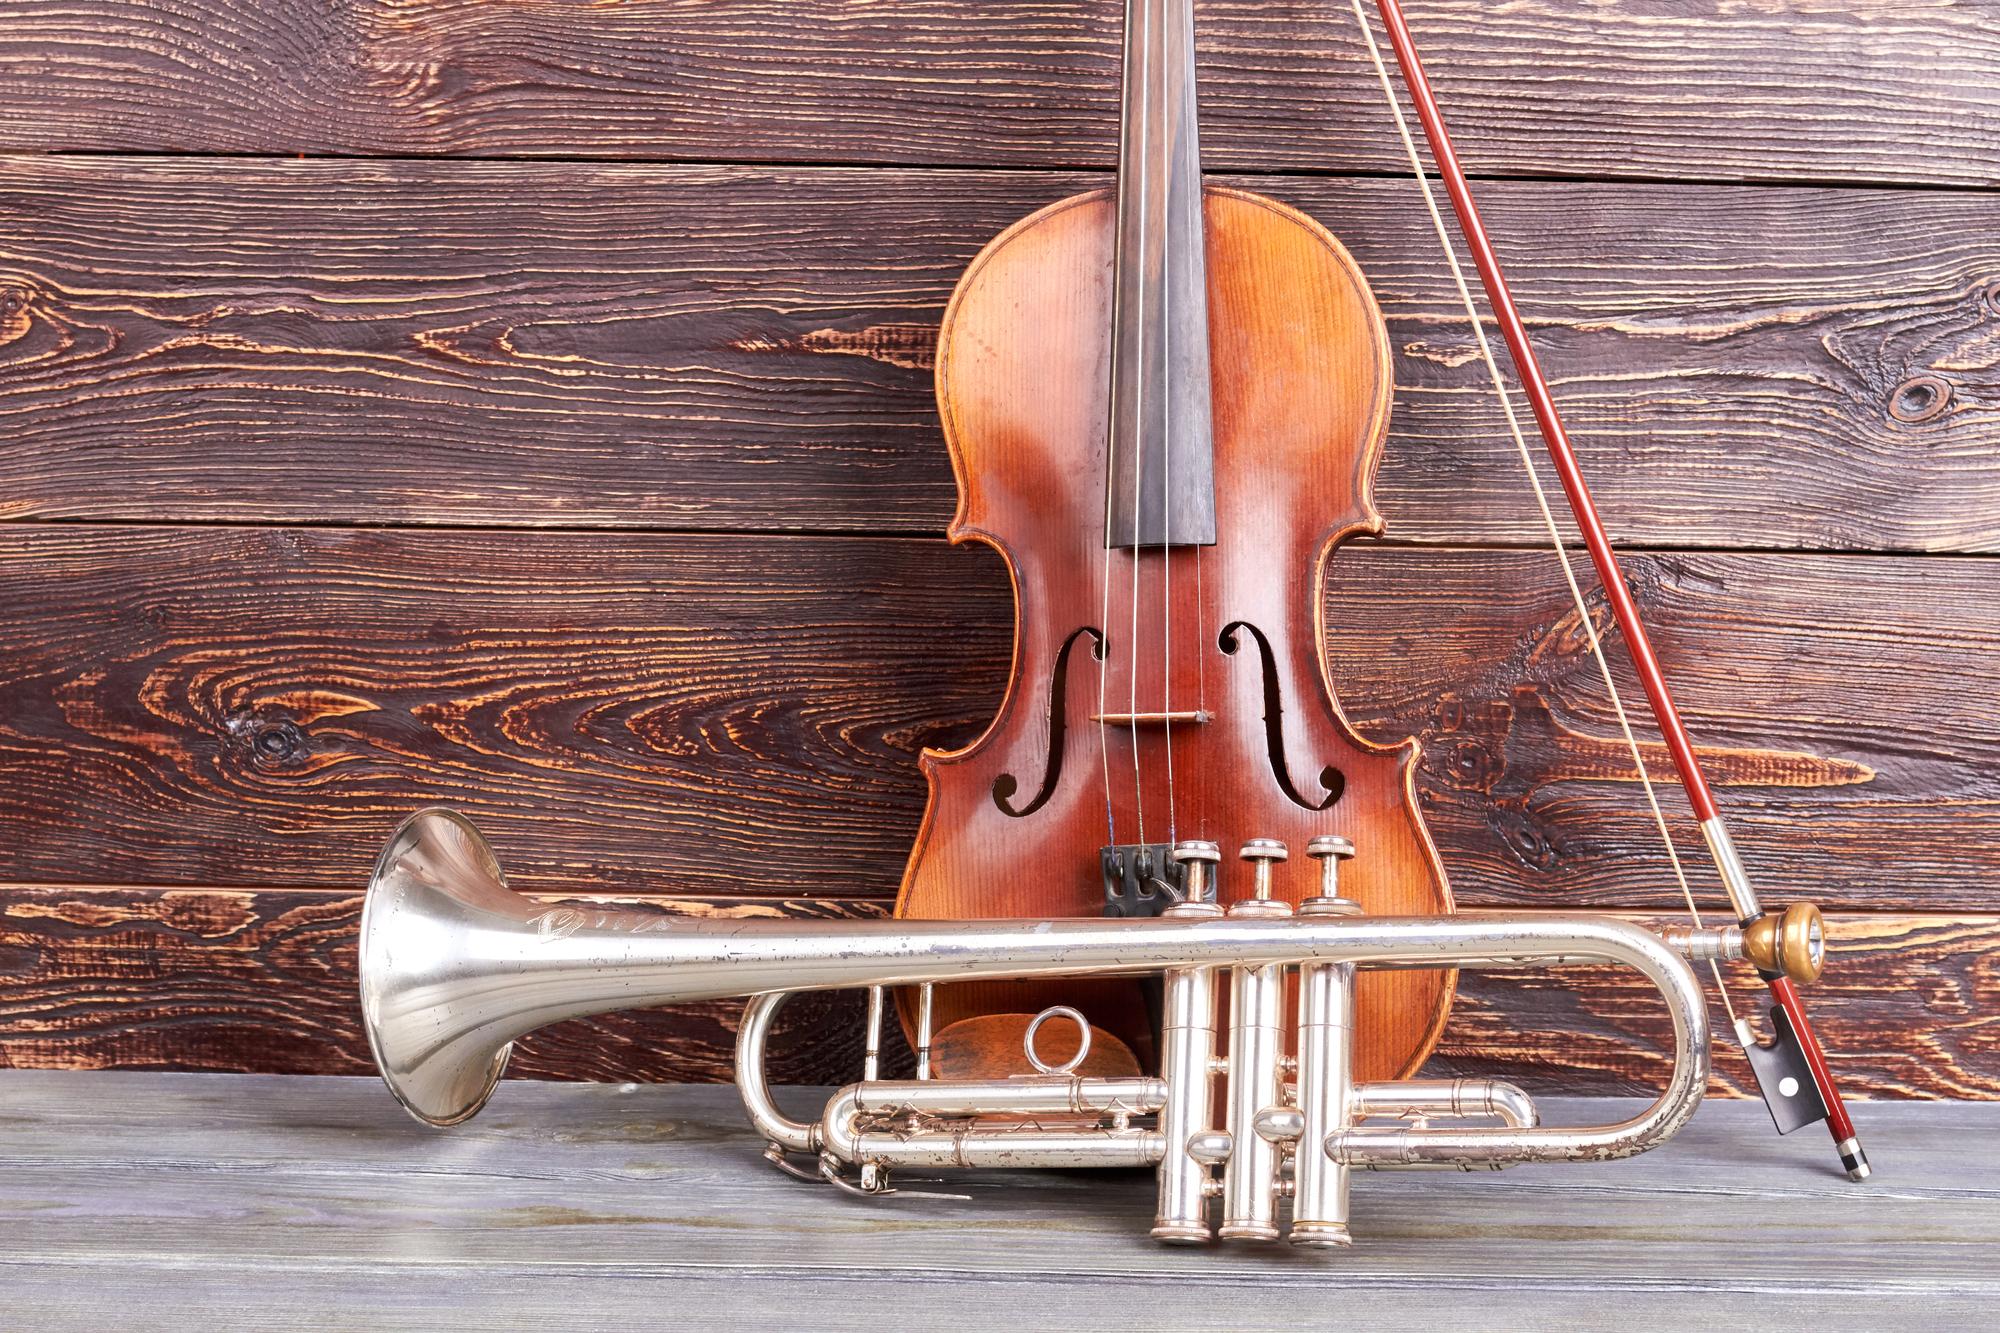 世界をつなぐ、楽器をシェアするプラットフォームが本格始動!